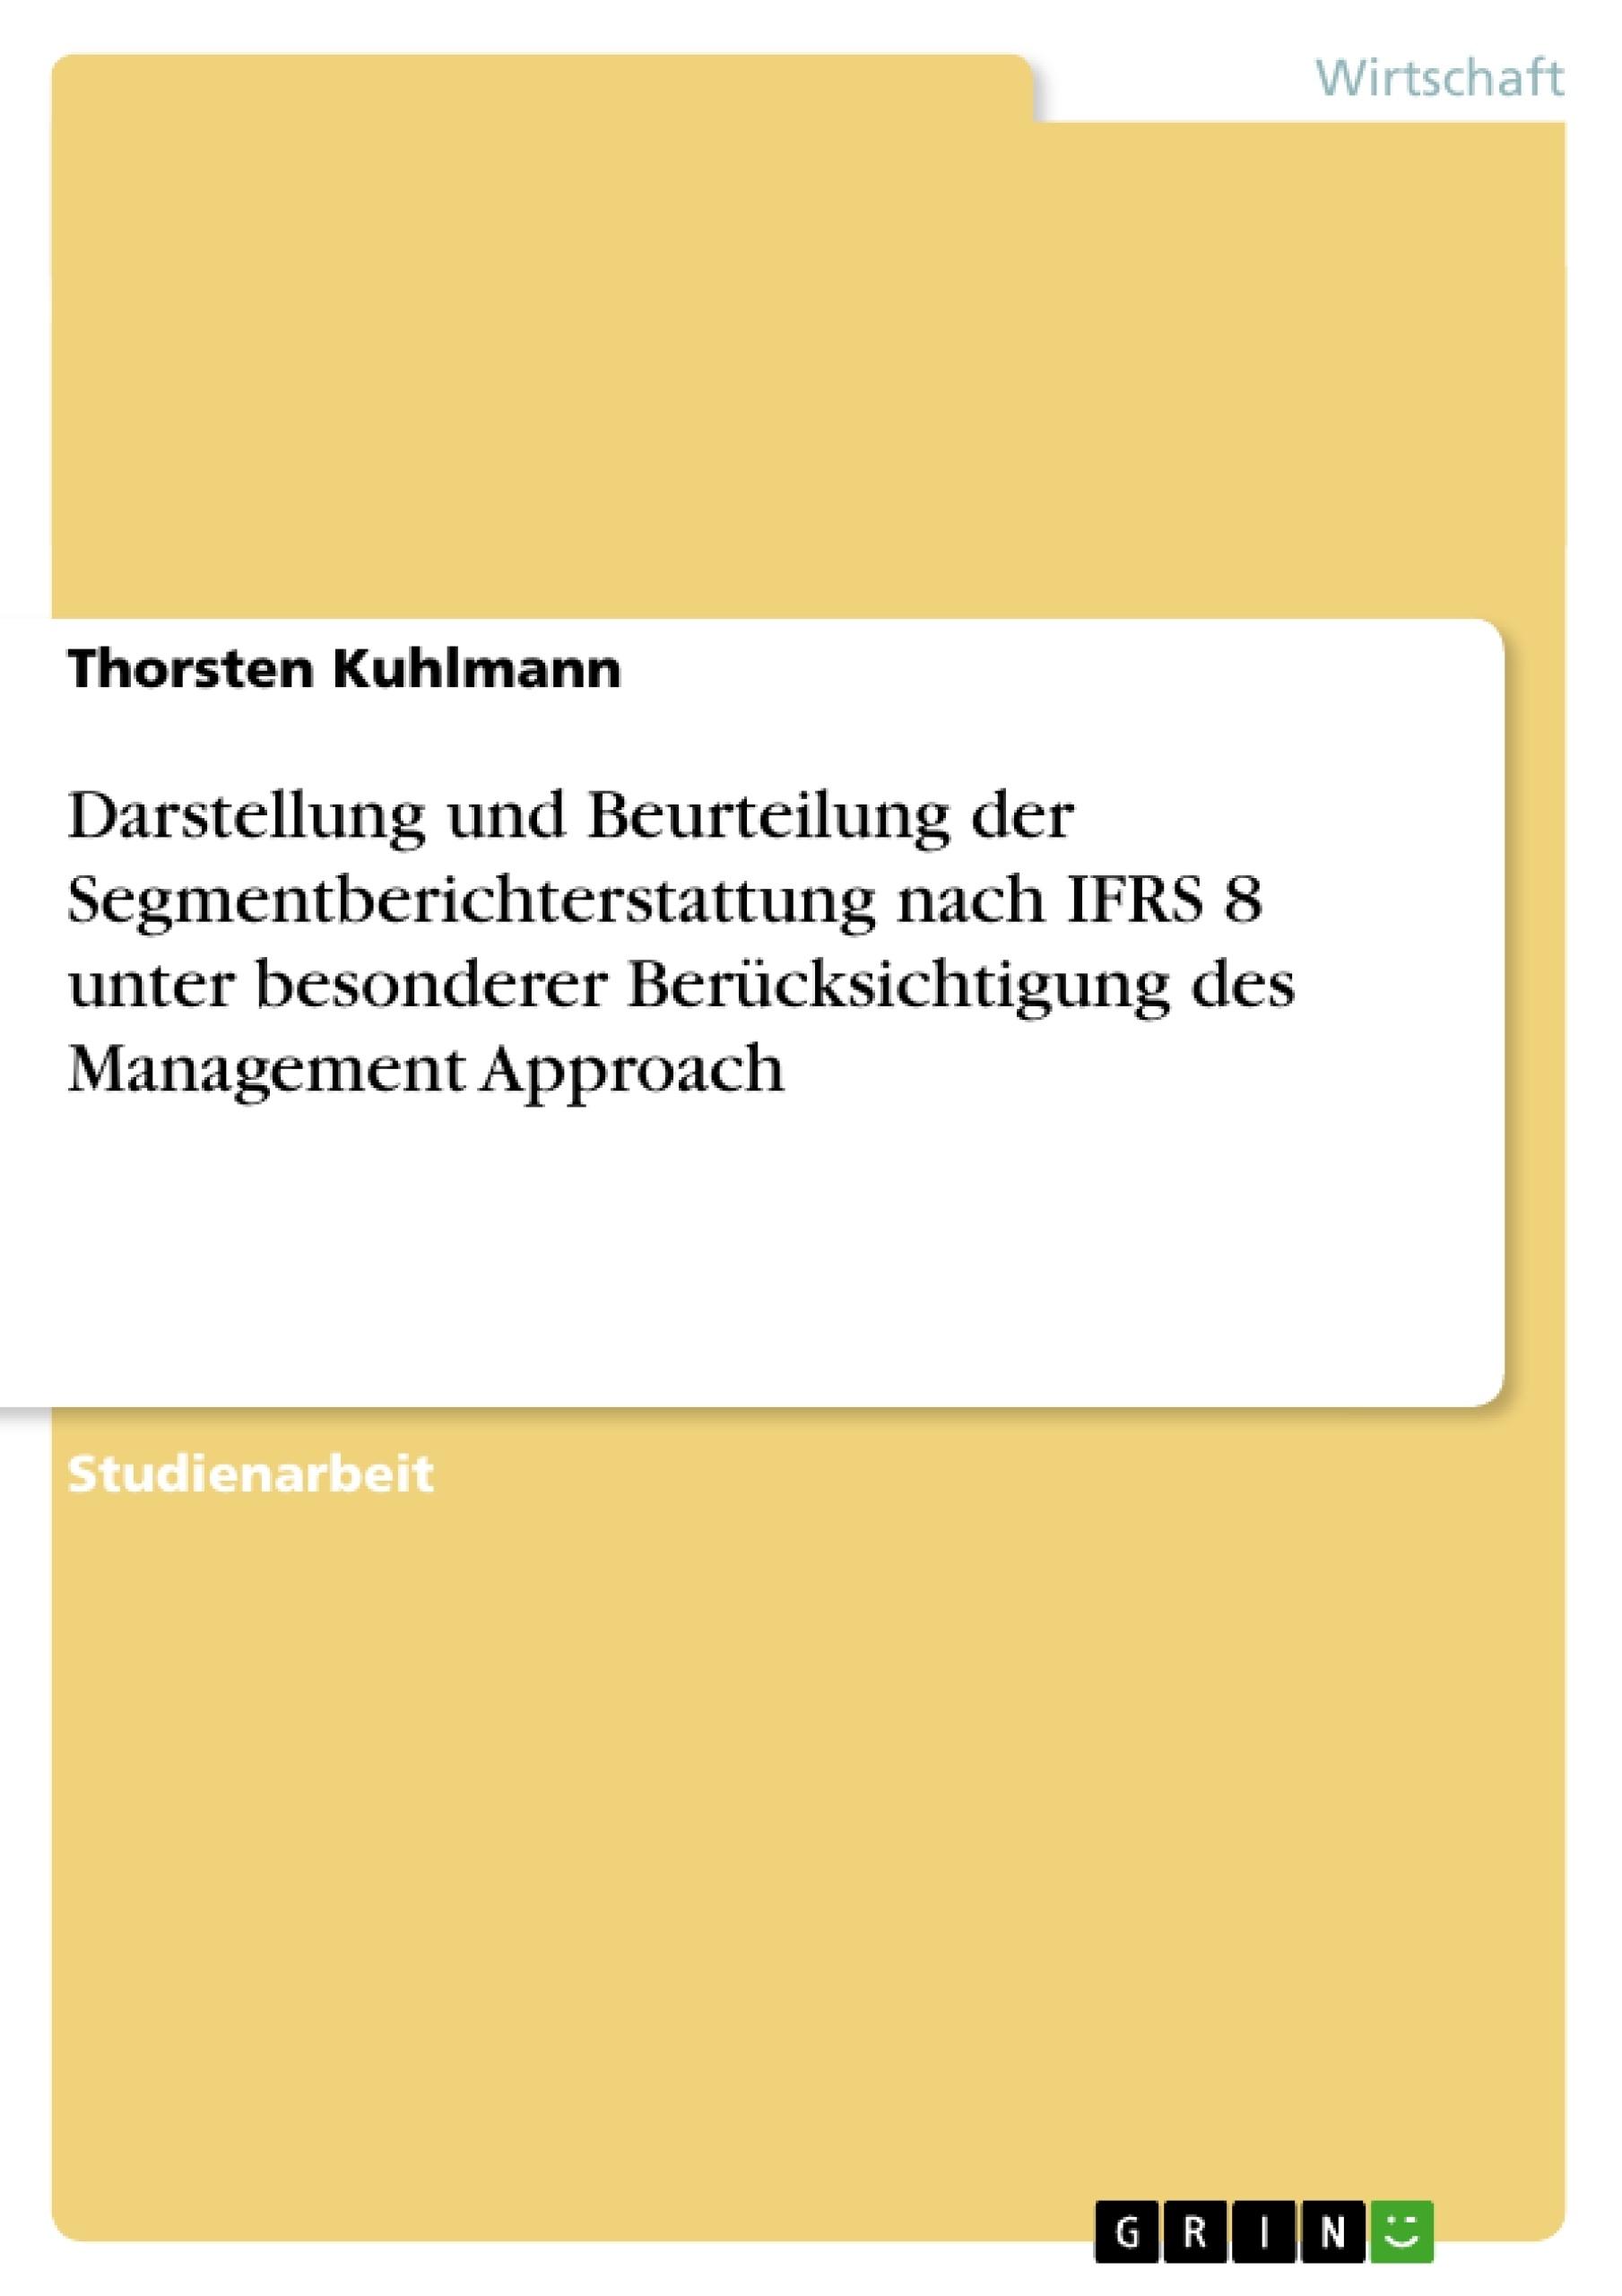 Titel: Darstellung und Beurteilung der Segmentberichterstattung nach IFRS 8 unter besonderer Berücksichtigung des Management Approach